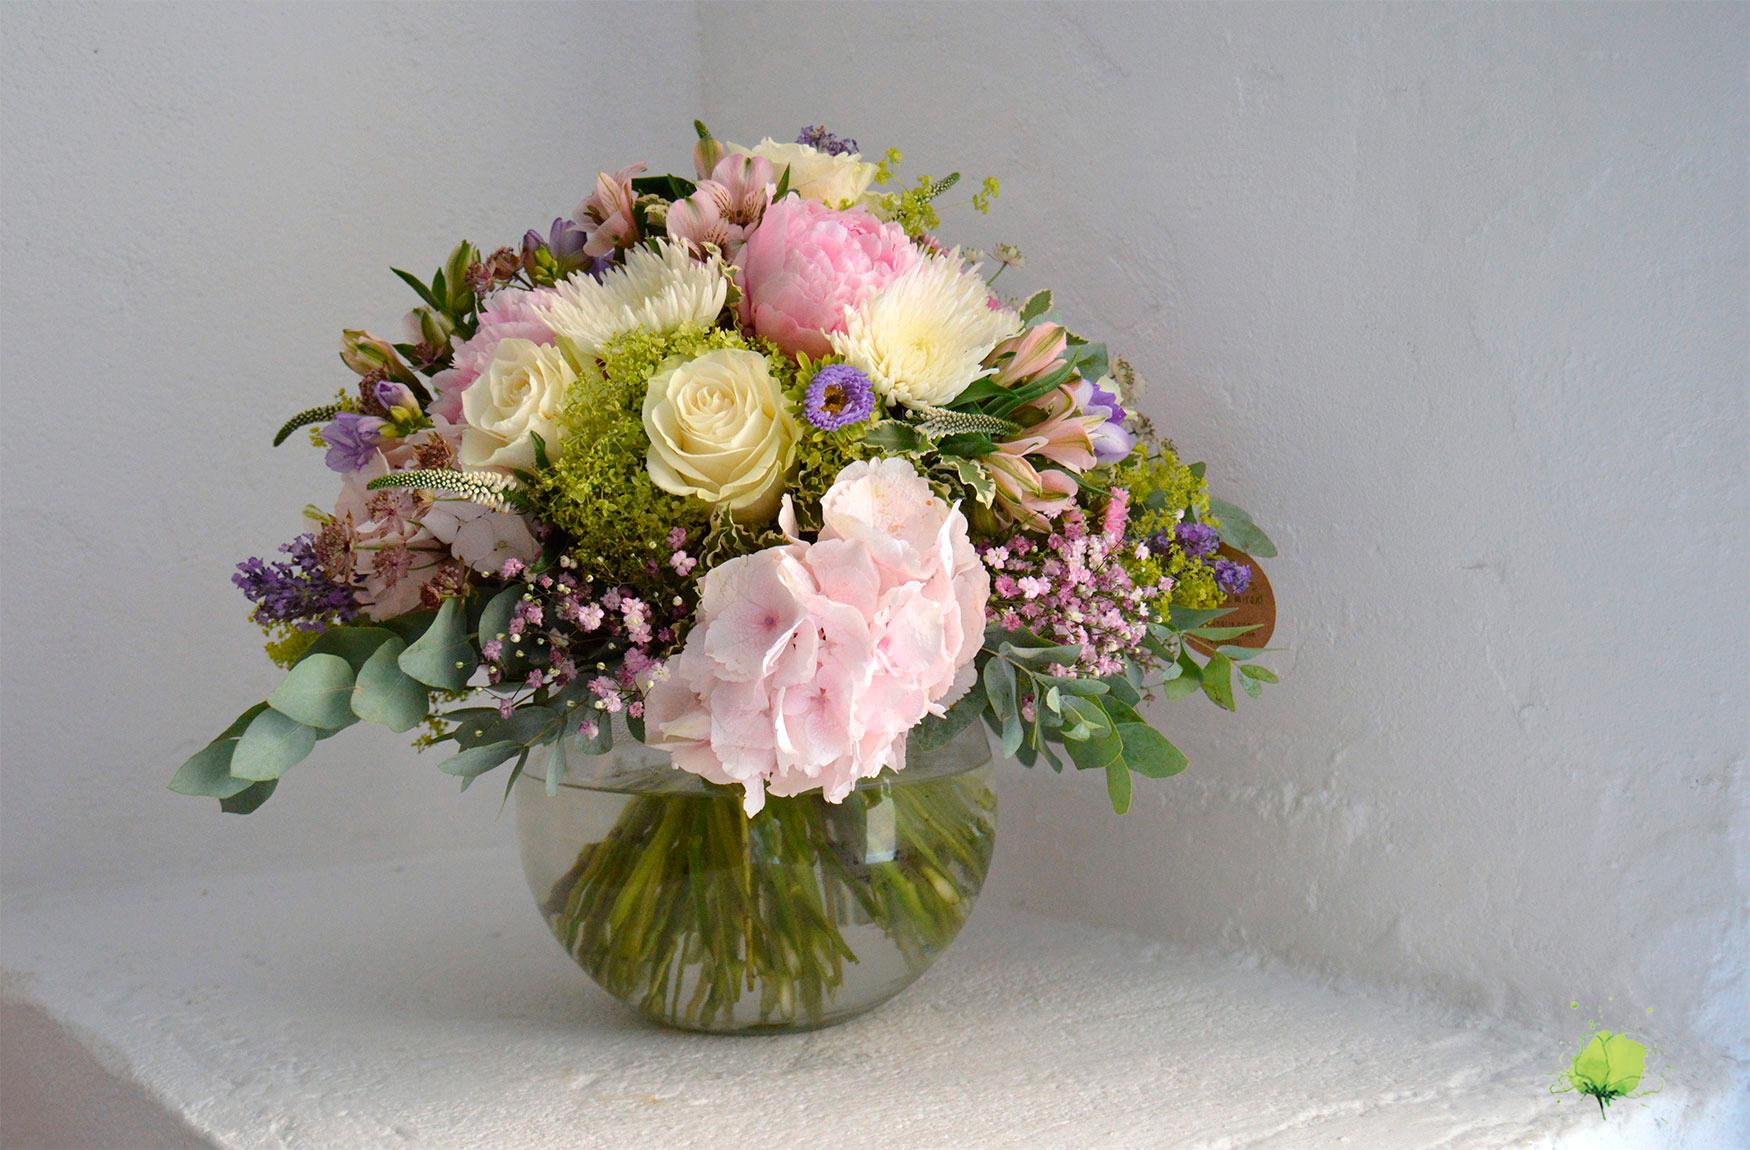 Enamorados San Valentín Ramo Flores - Blumenaria Taller Floral